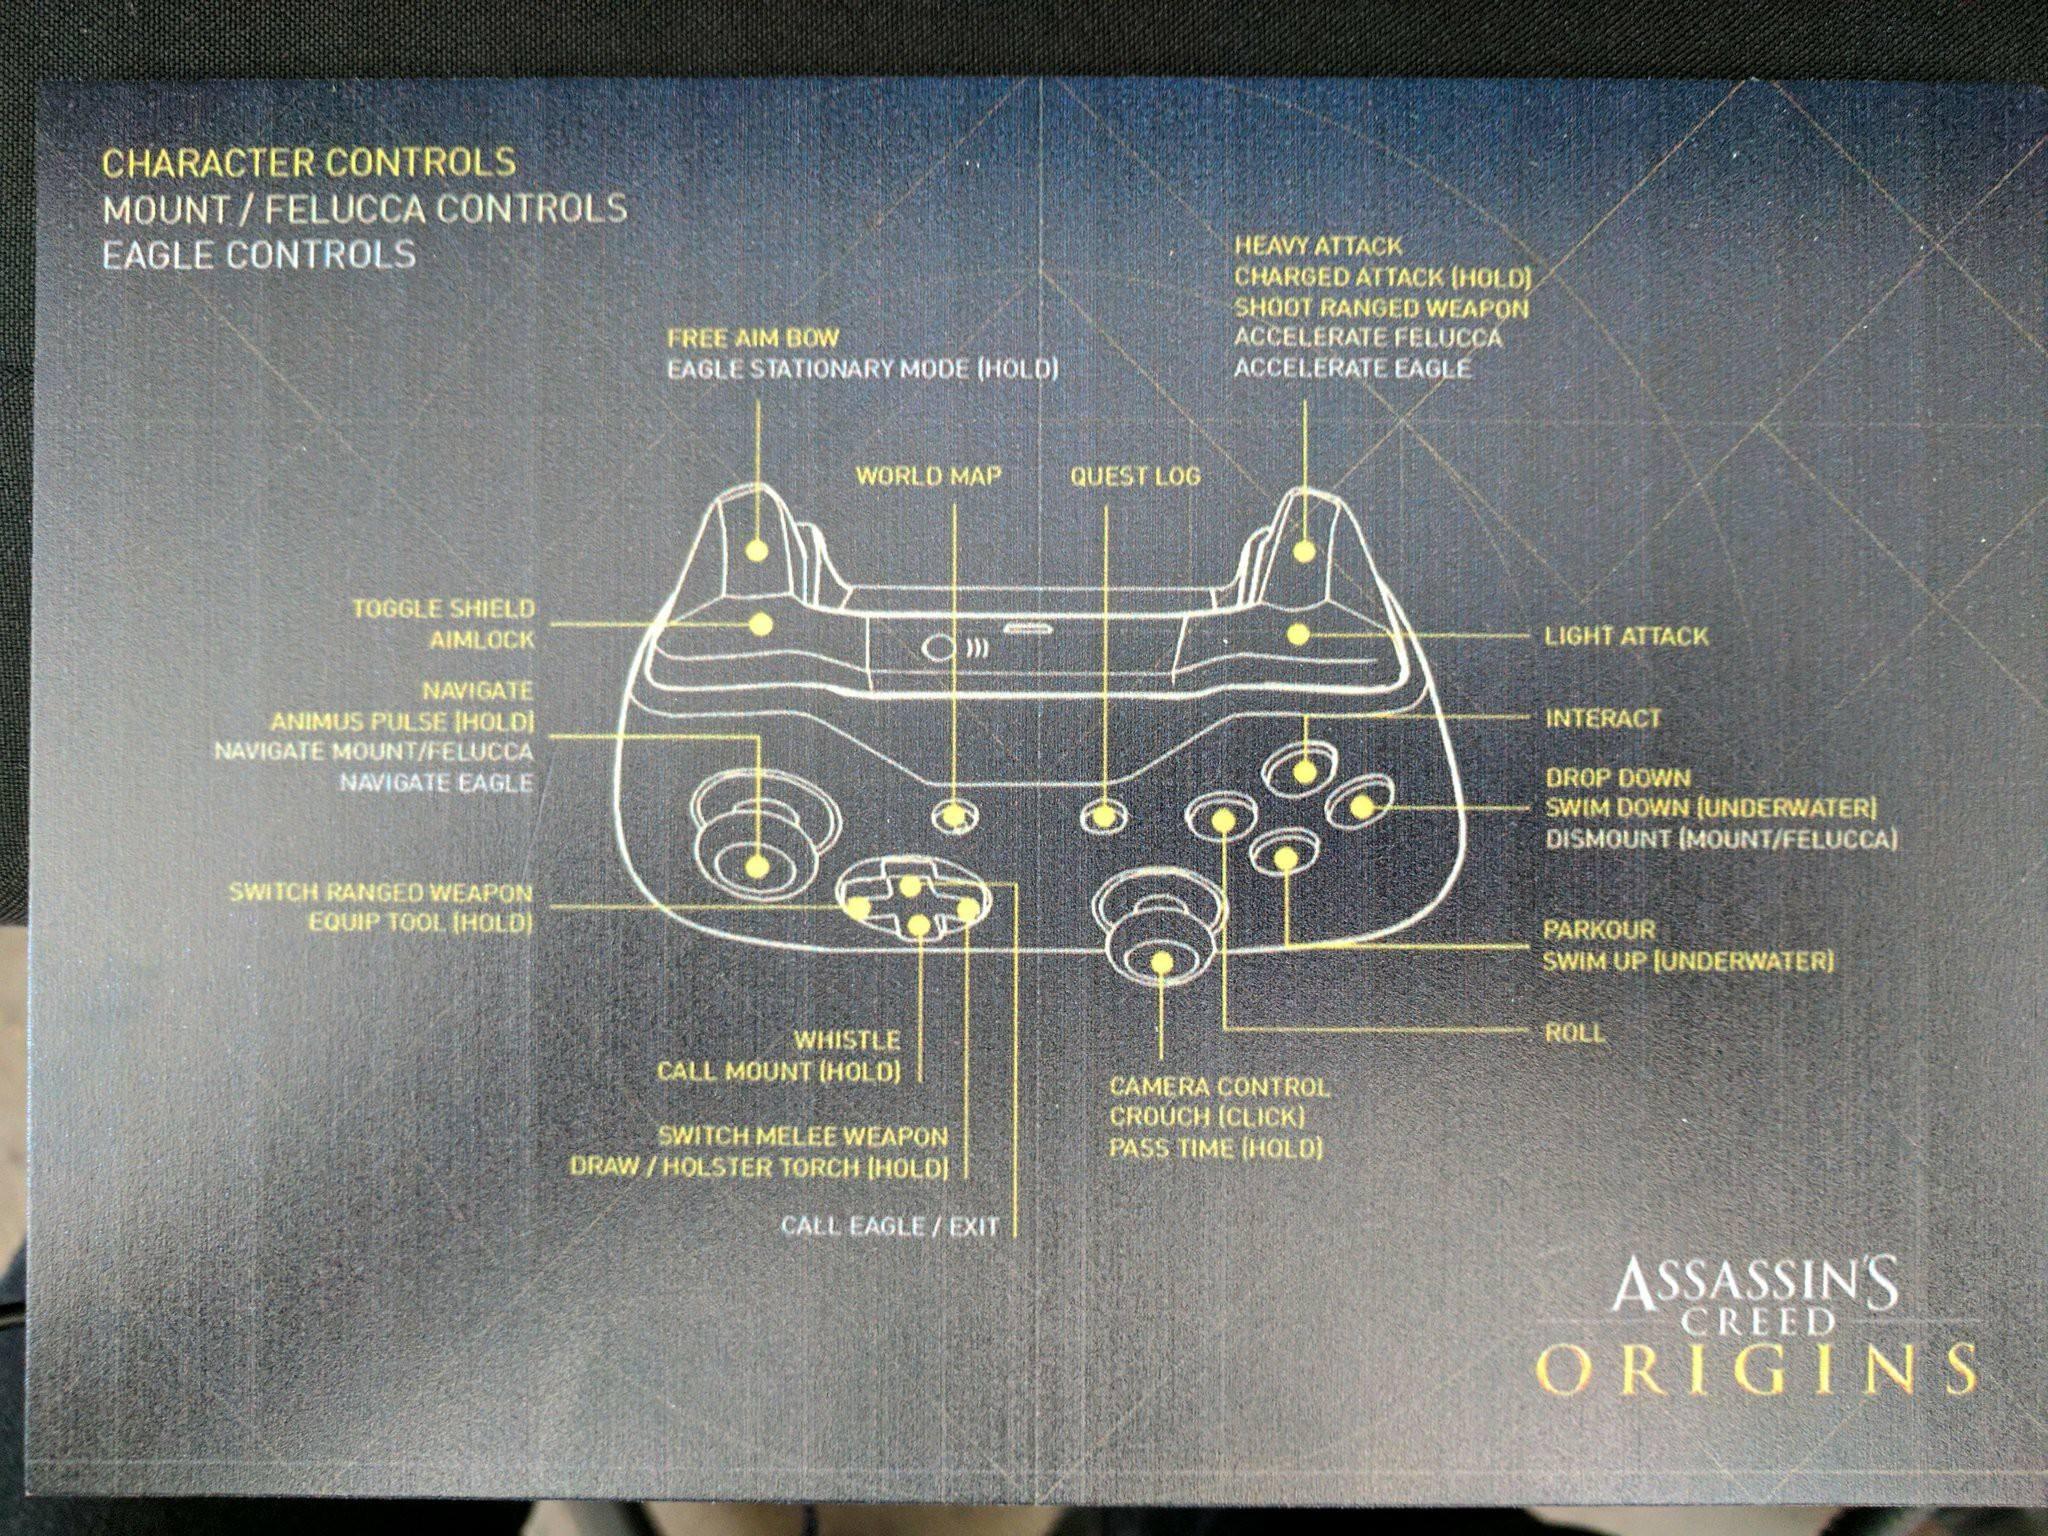 Origins получило стоимость $800